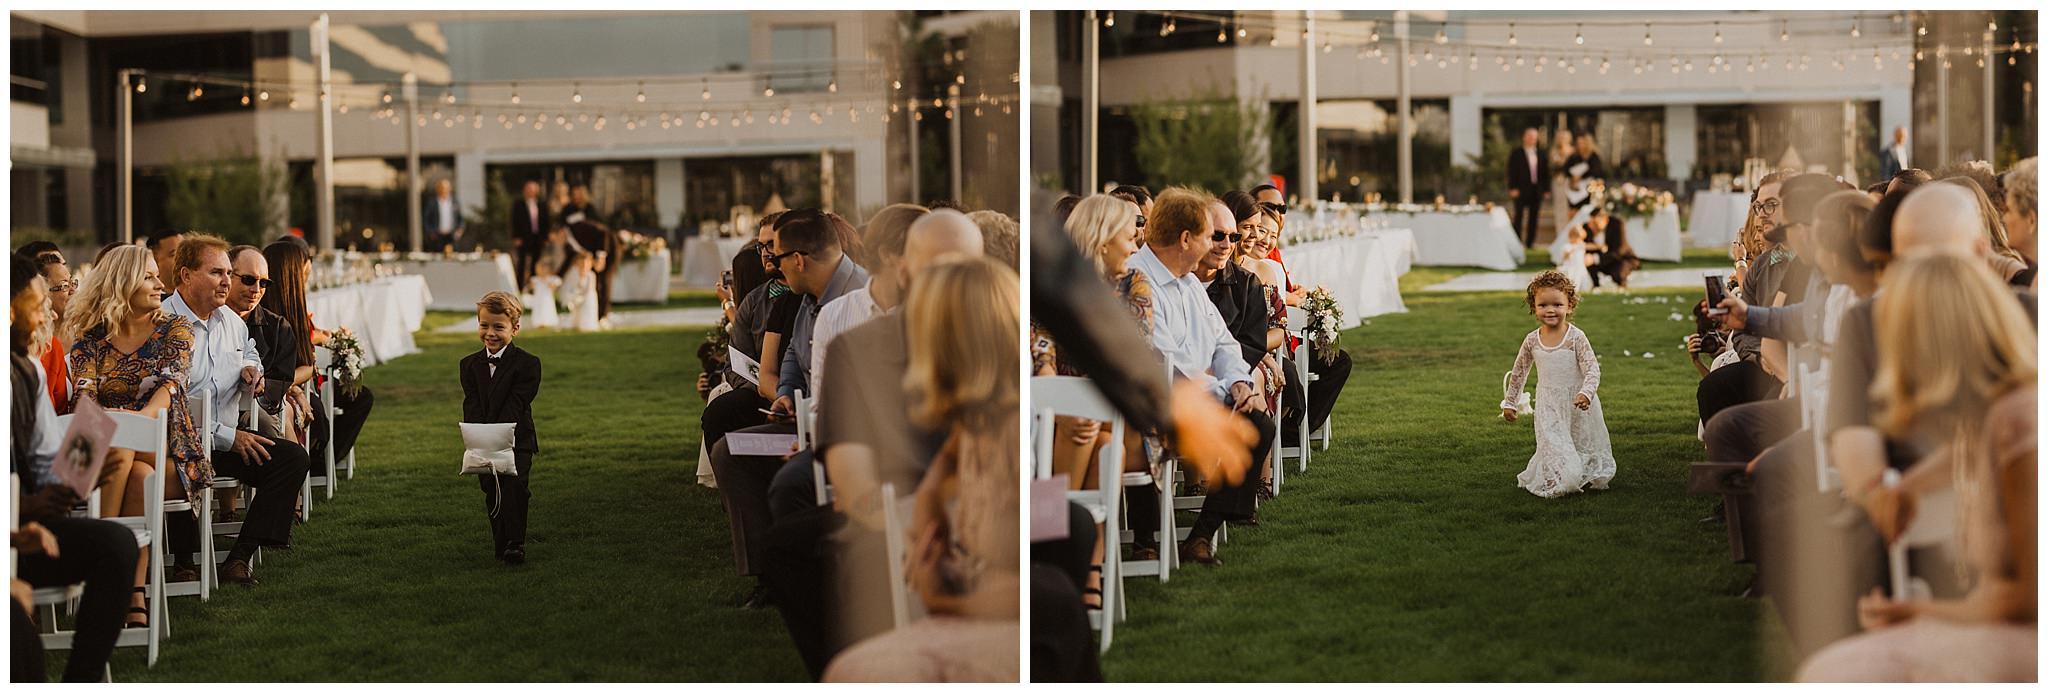 oahu-wedding-photographer1.jpg